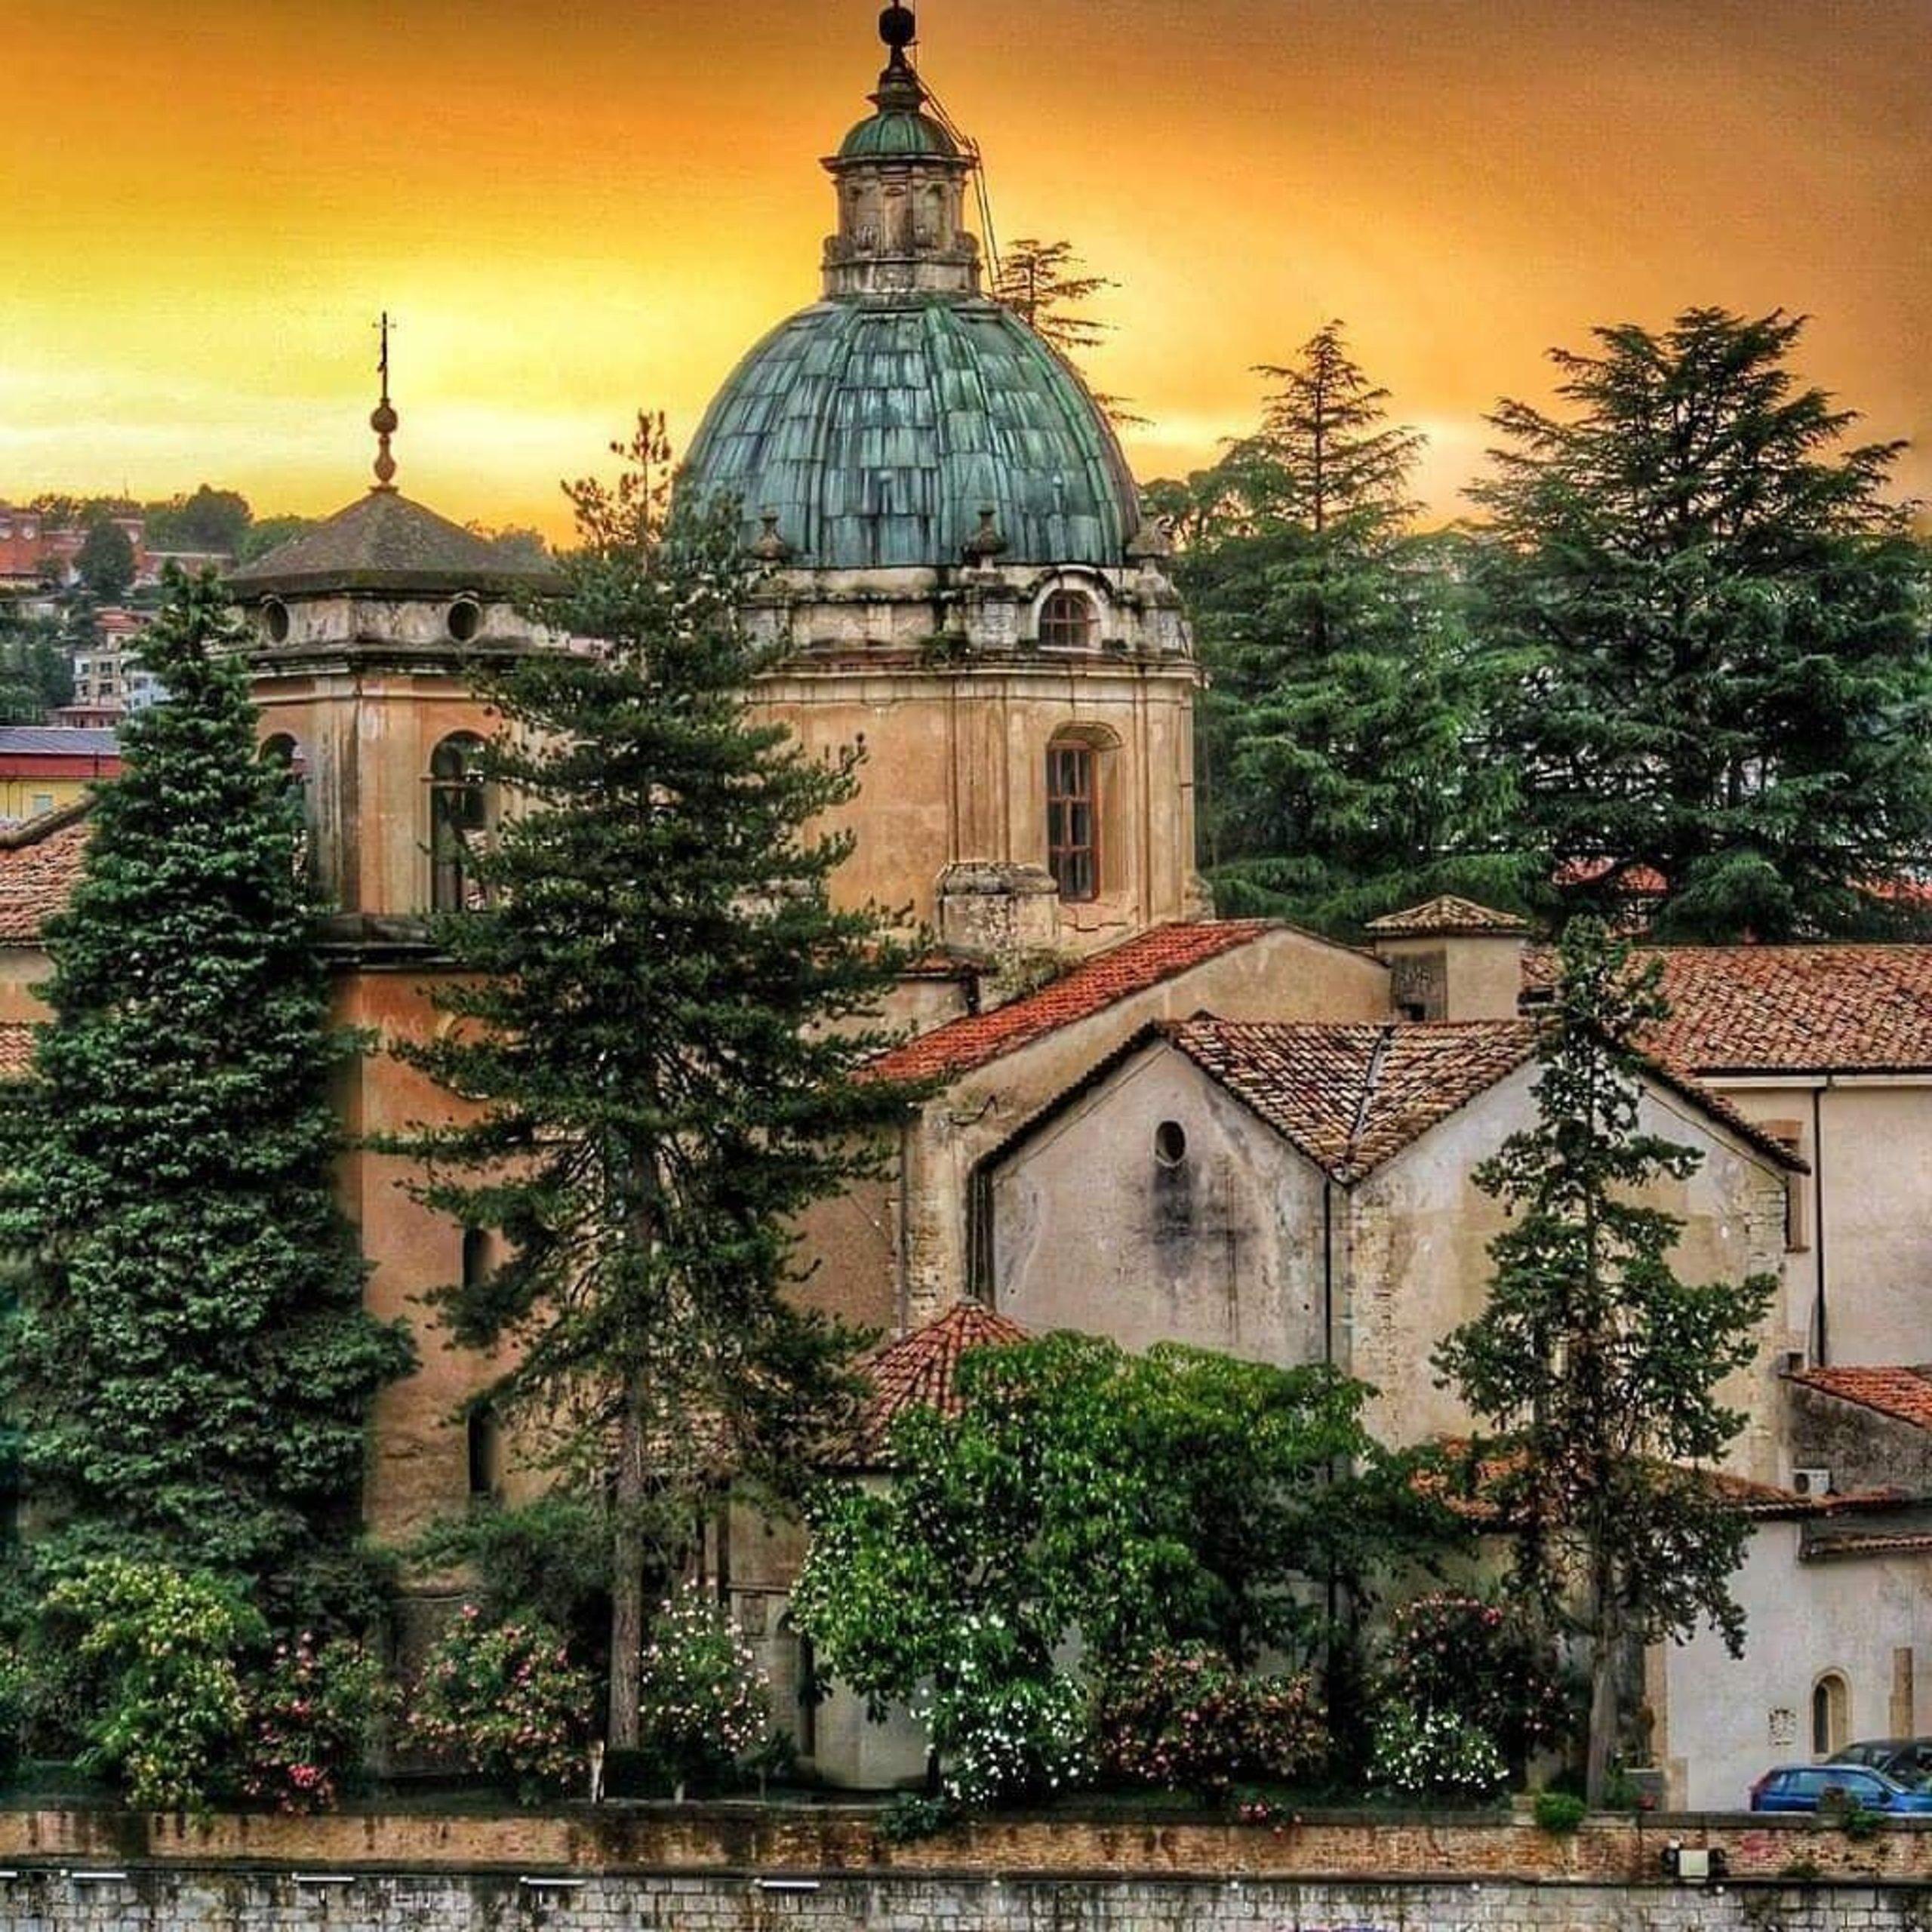 Tenuta Contessa Relais Country House bisignano tourism (2020): best of bisignano, italy - tripadvisor